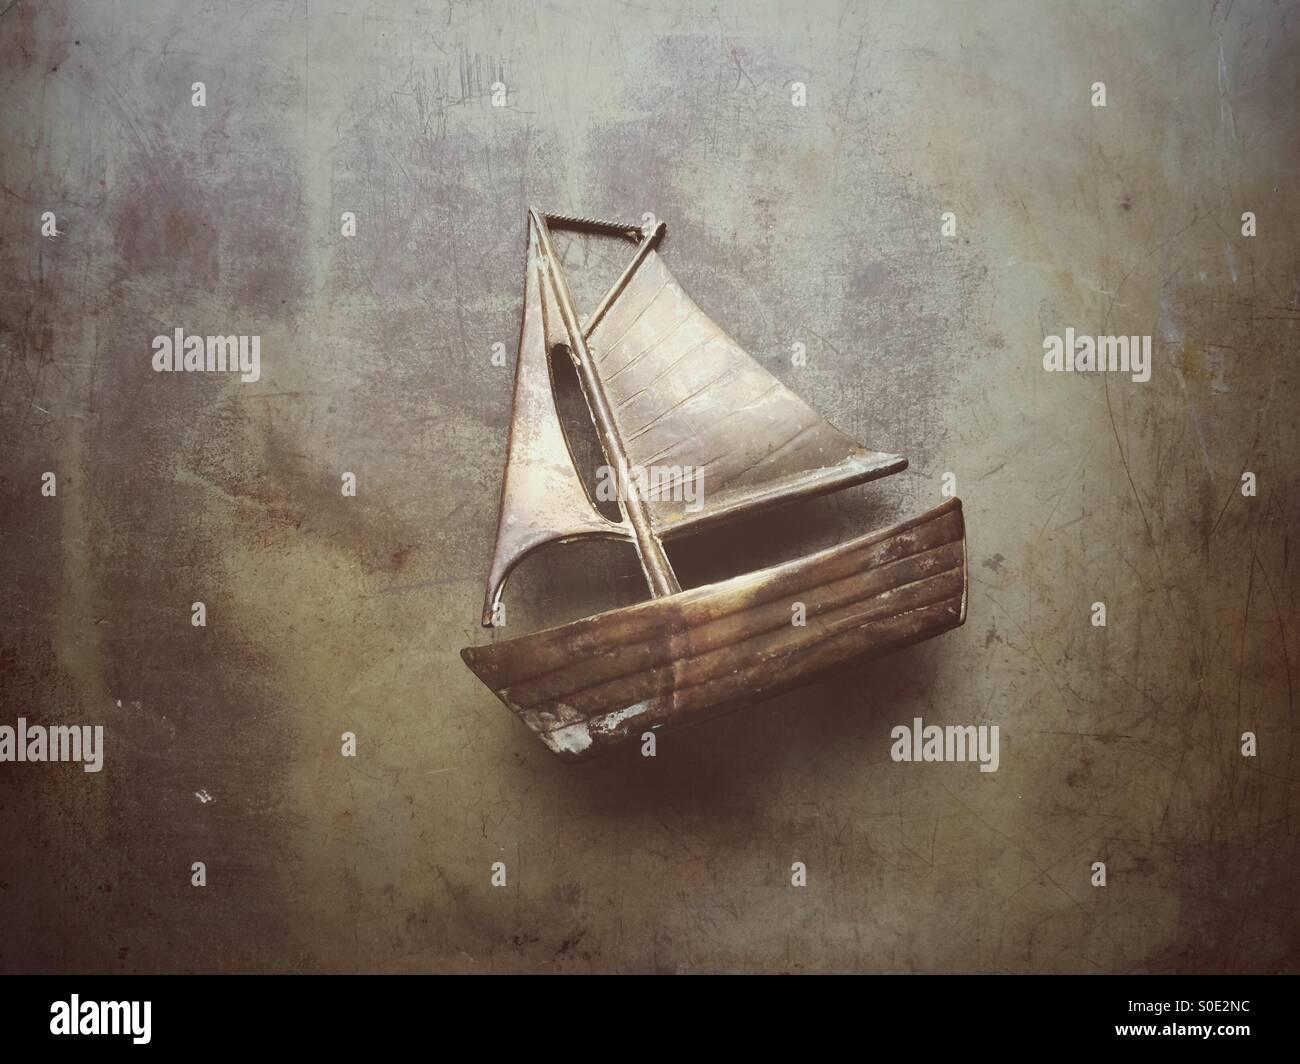 Metallo vecchia barca a vela modello Immagini Stock